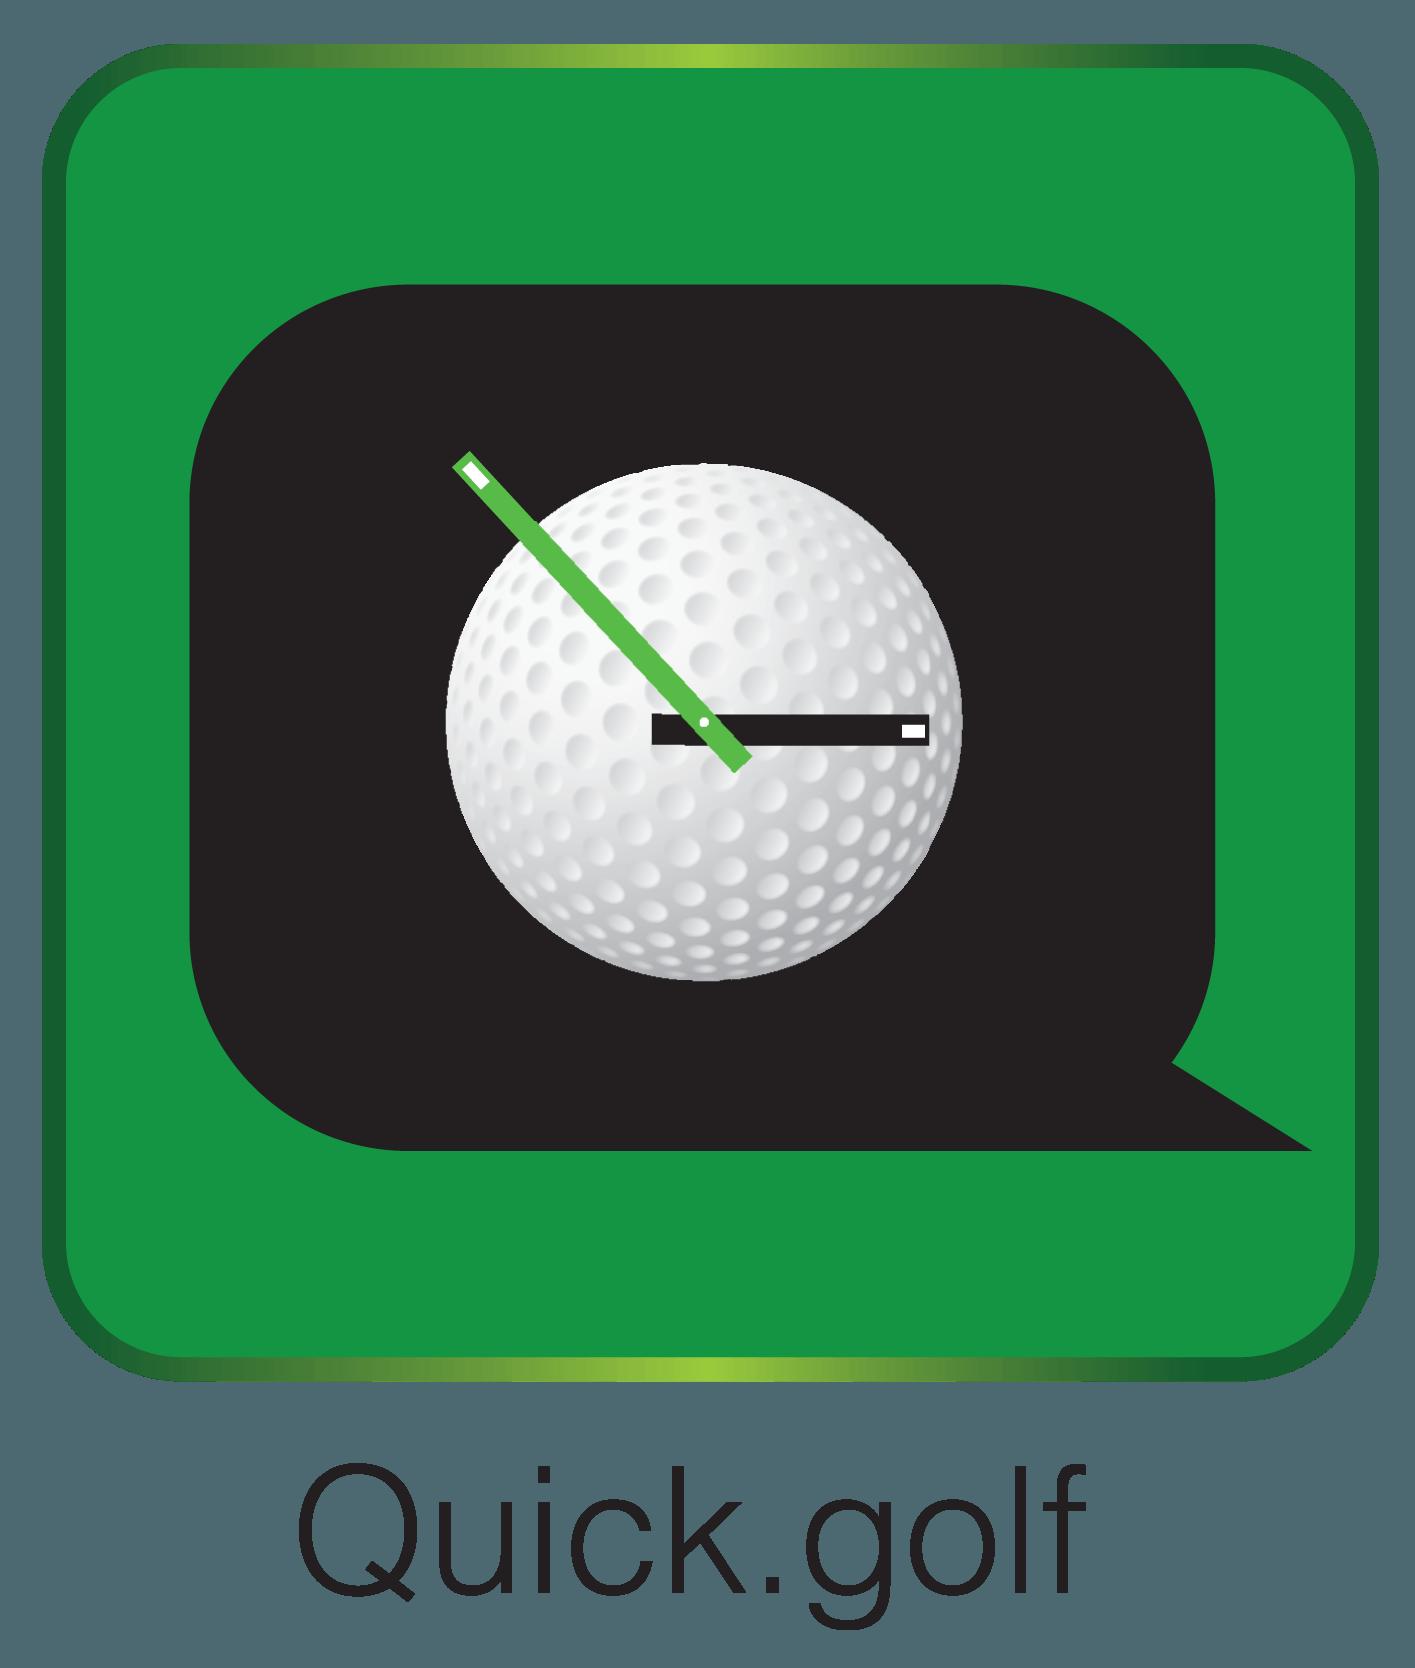 Square clipart square clock. Quick golf a new